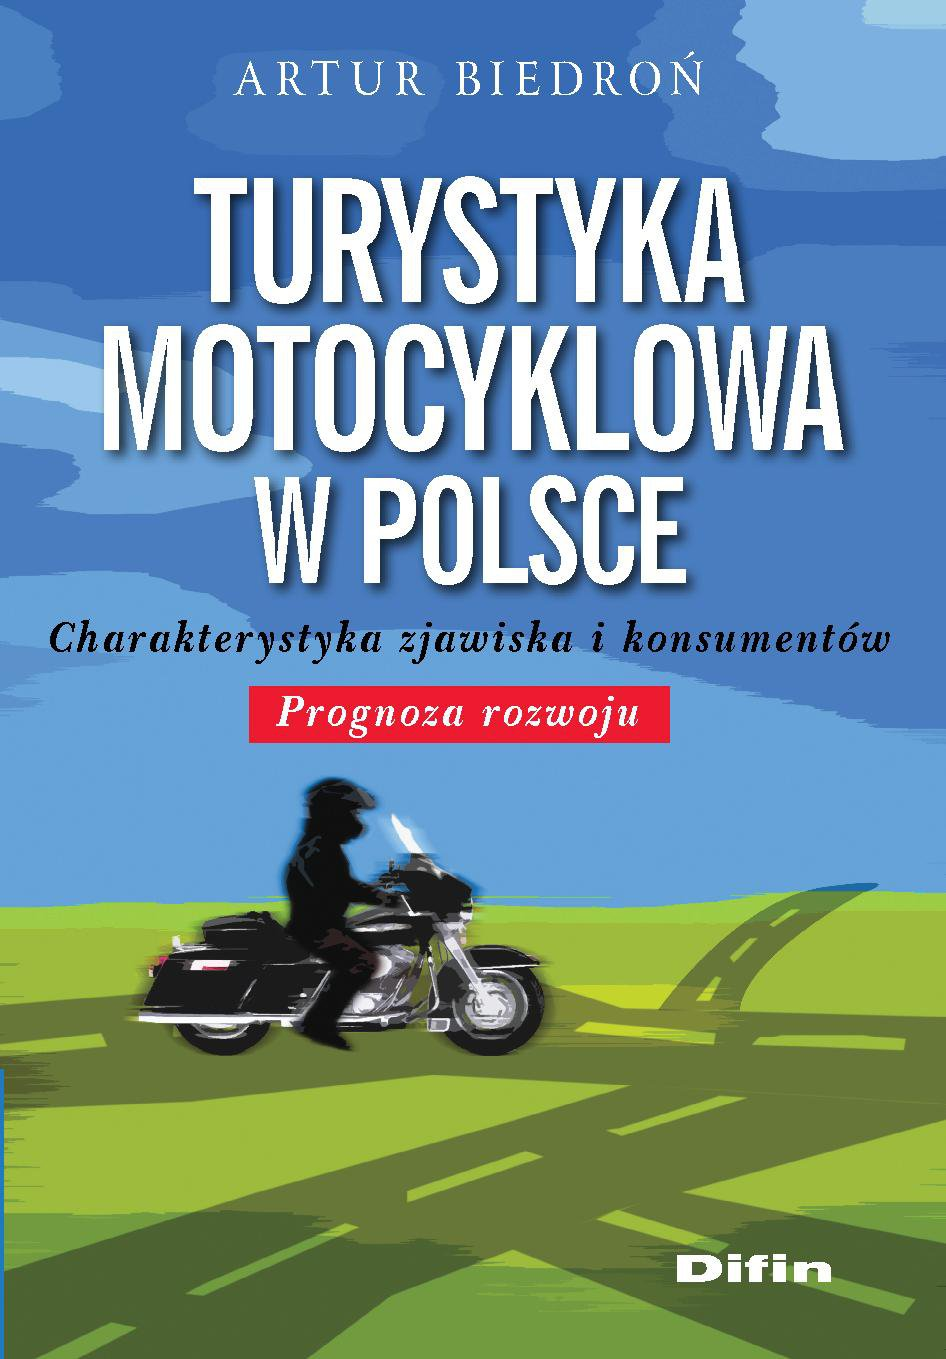 Turystyka motocyklowa w Polsce. Charakterystyka zjawiska i konsumentów. Prognoza rozwoju - Ebook (Książka PDF) do pobrania w formacie PDF